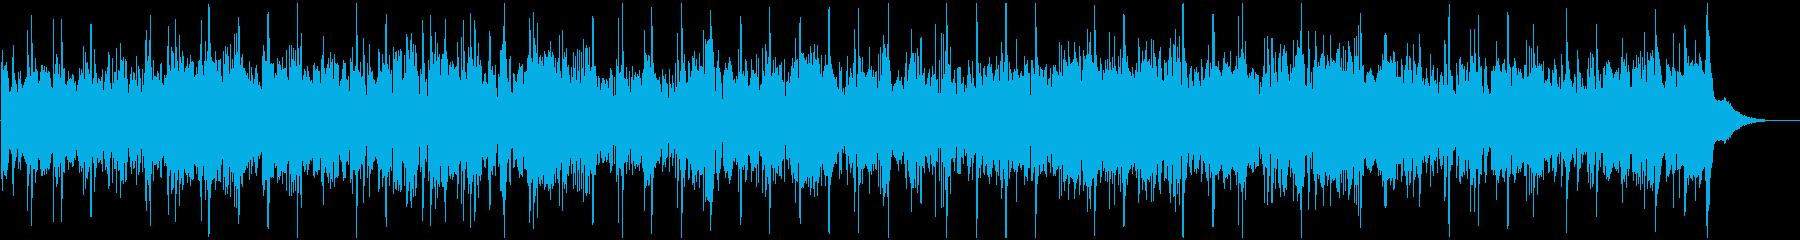 アイリッシュやケルト楽器中心の民族音楽の再生済みの波形